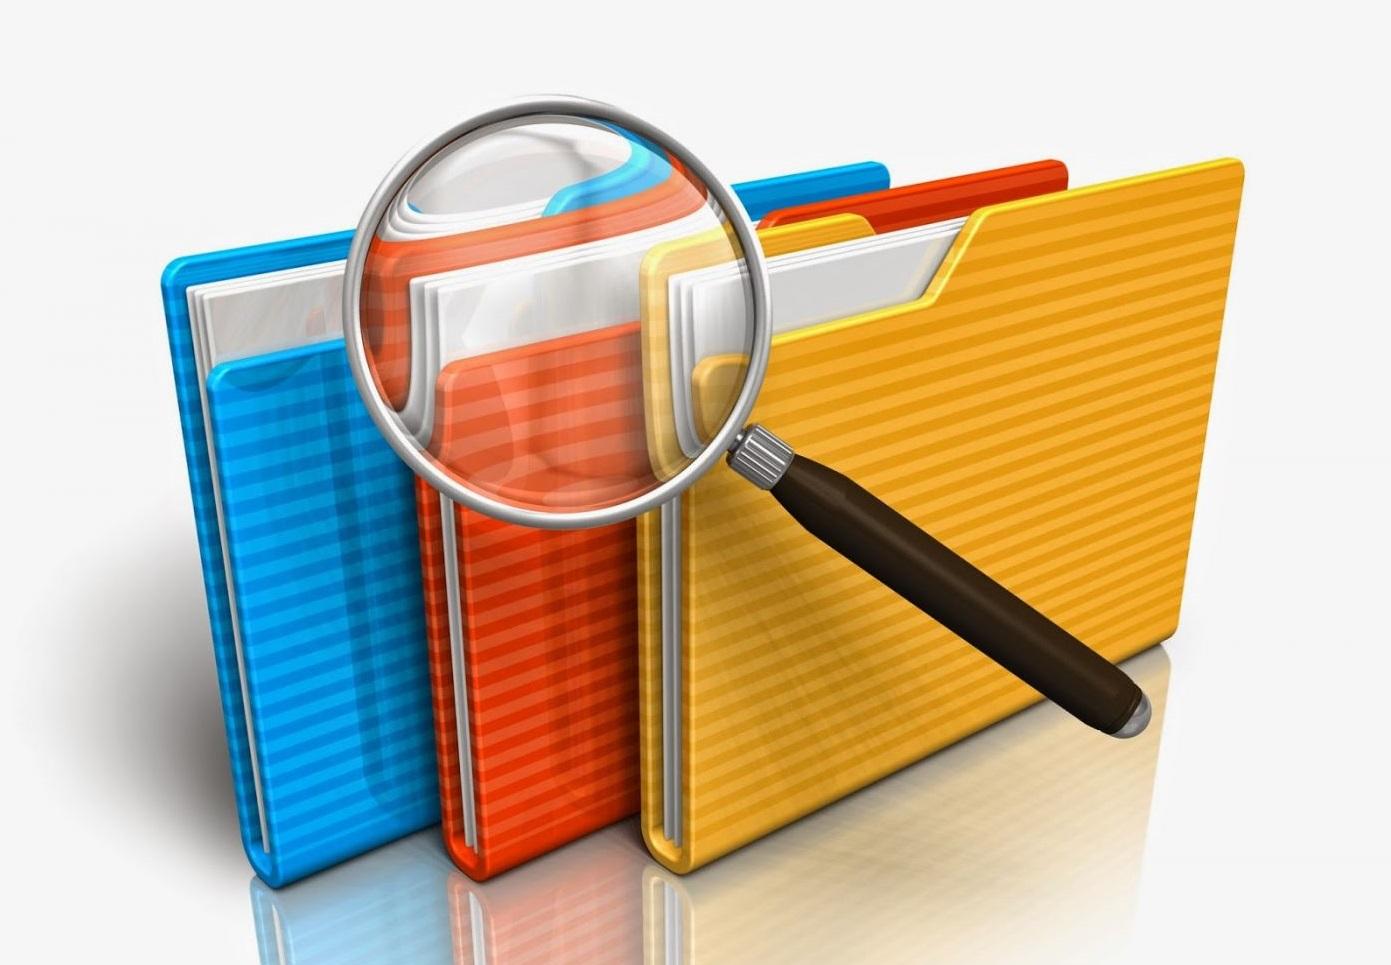 Thủ tục cấp Giấy chứng nhận đăng ký đầu tư đối với dự án thuộc diện quyết định chủ trương đầu tư của UBND cấp Tỉnh